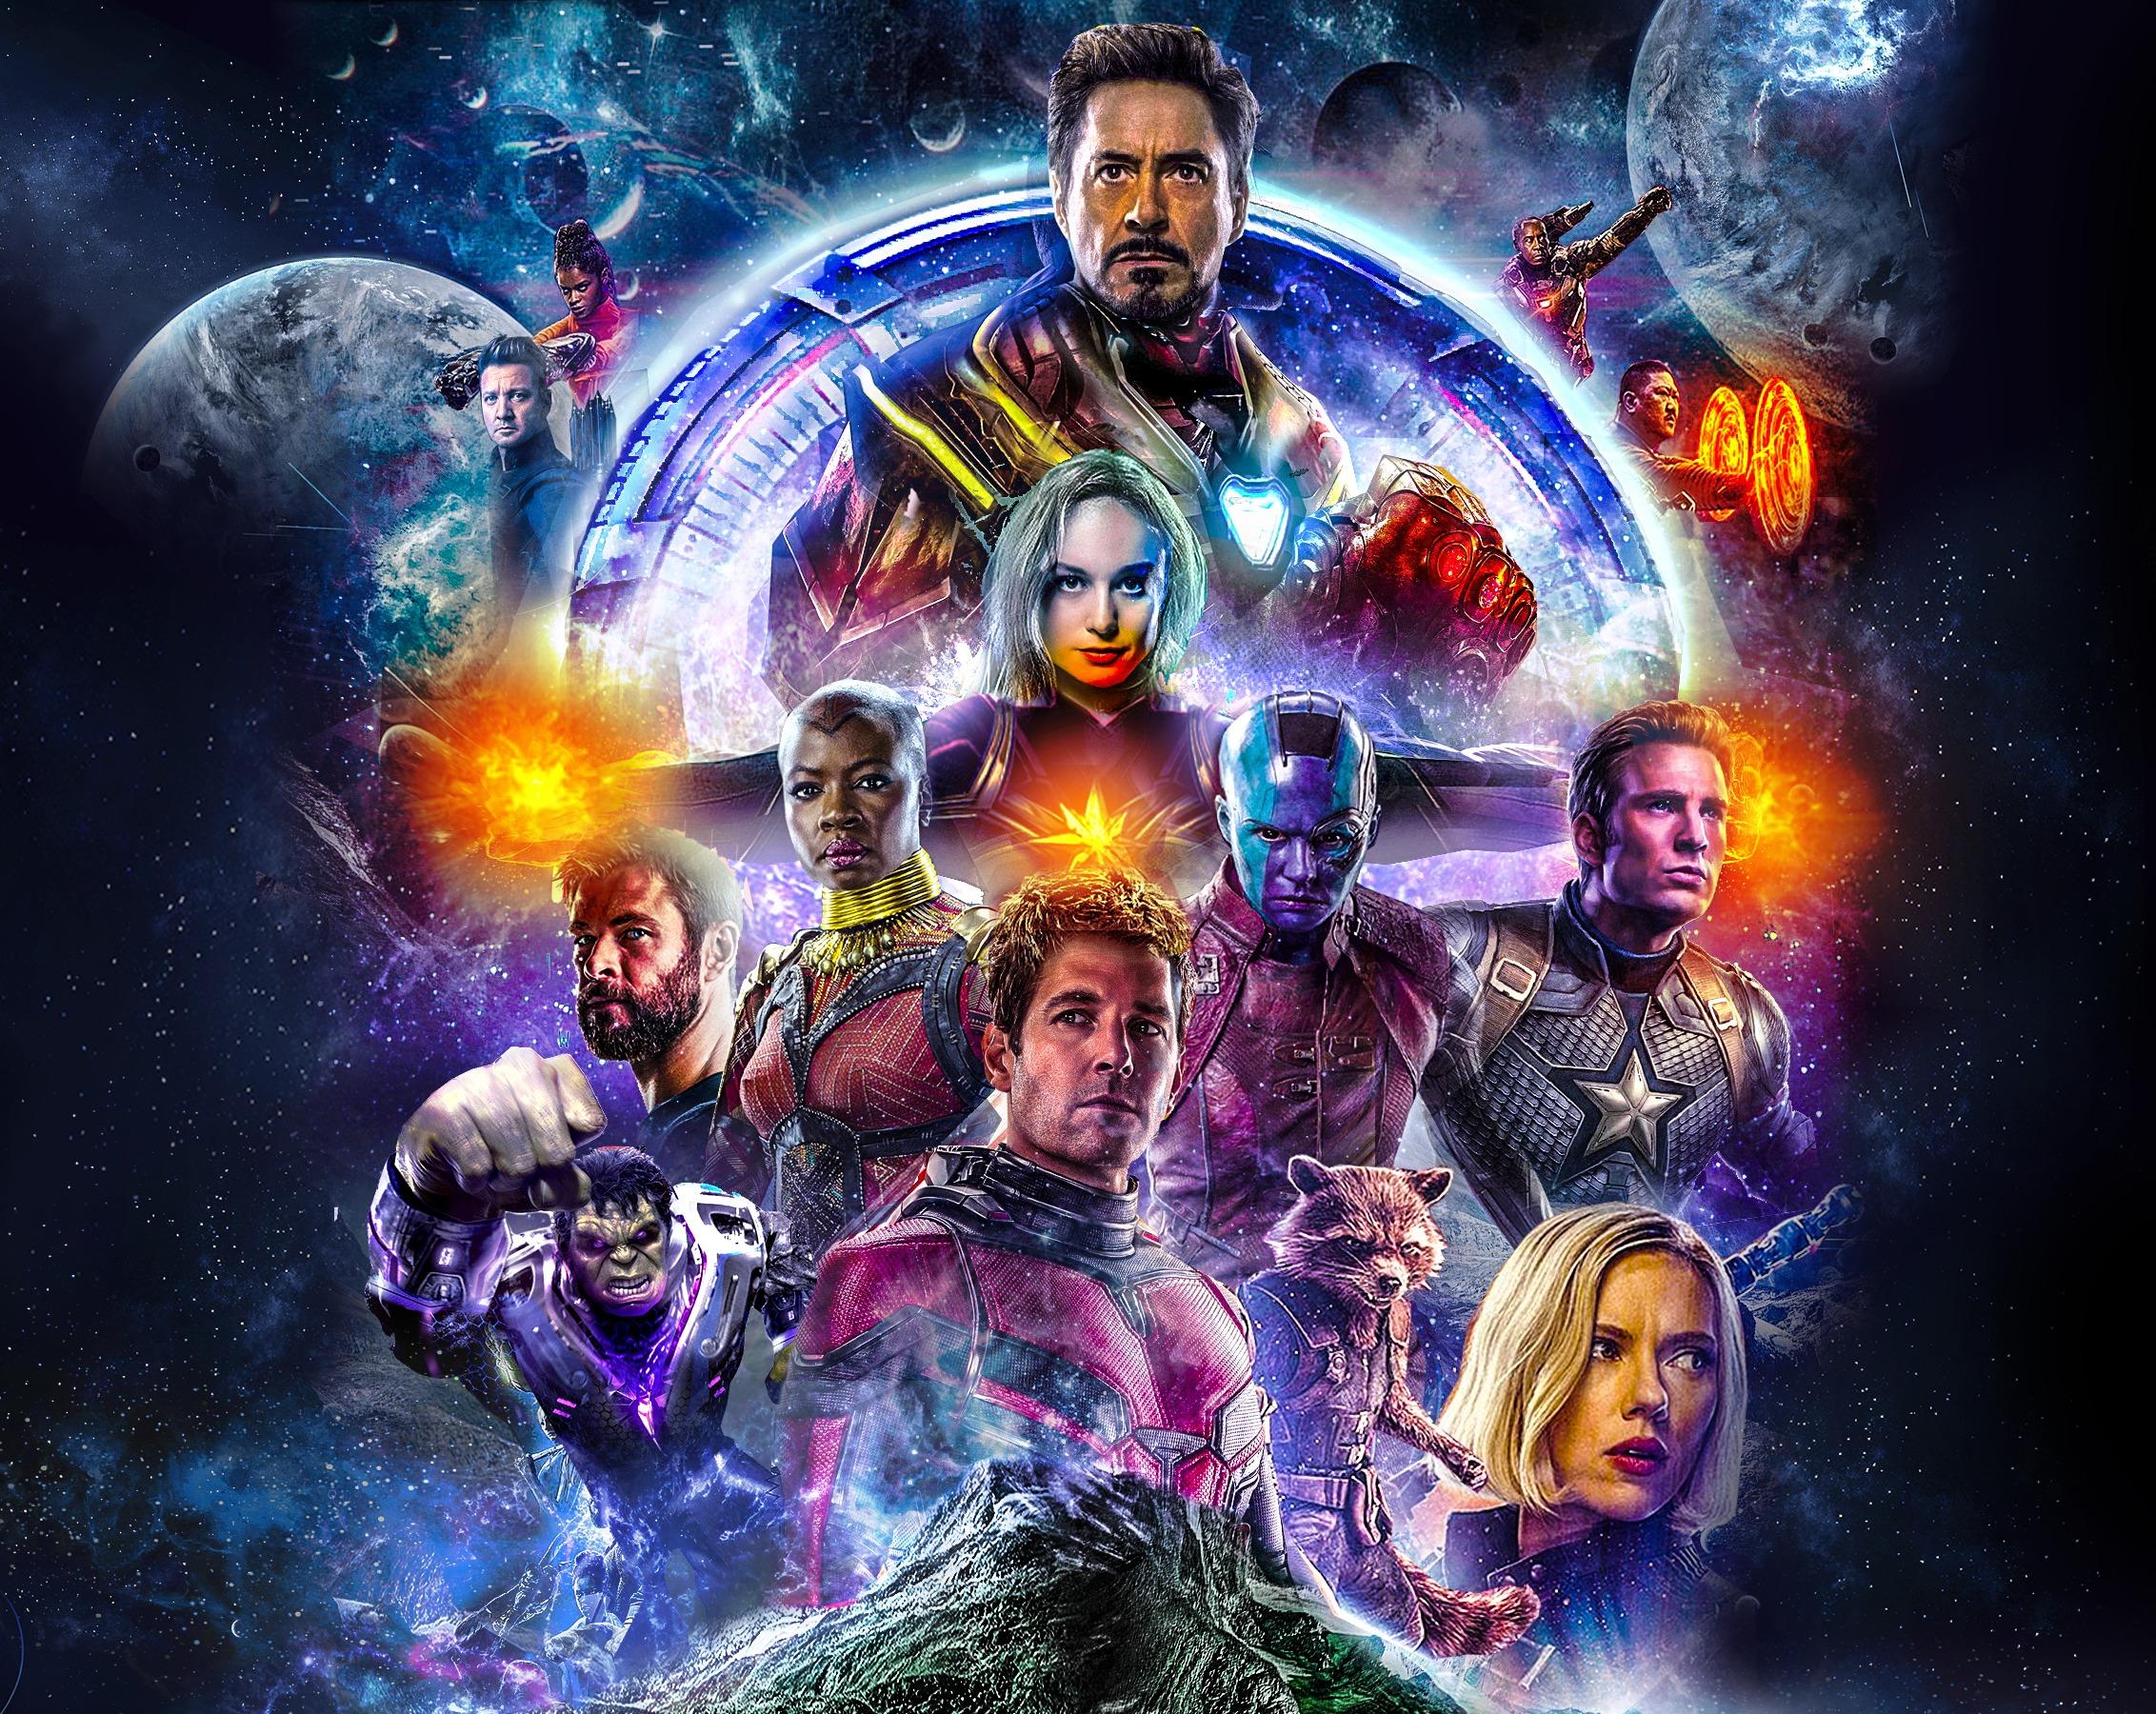 Wallpaper Avengers Endgame Avengers 4 Hd Movies 16872: Avengers 4 All Actor Artwork Poster, Full HD 2K Wallpaper